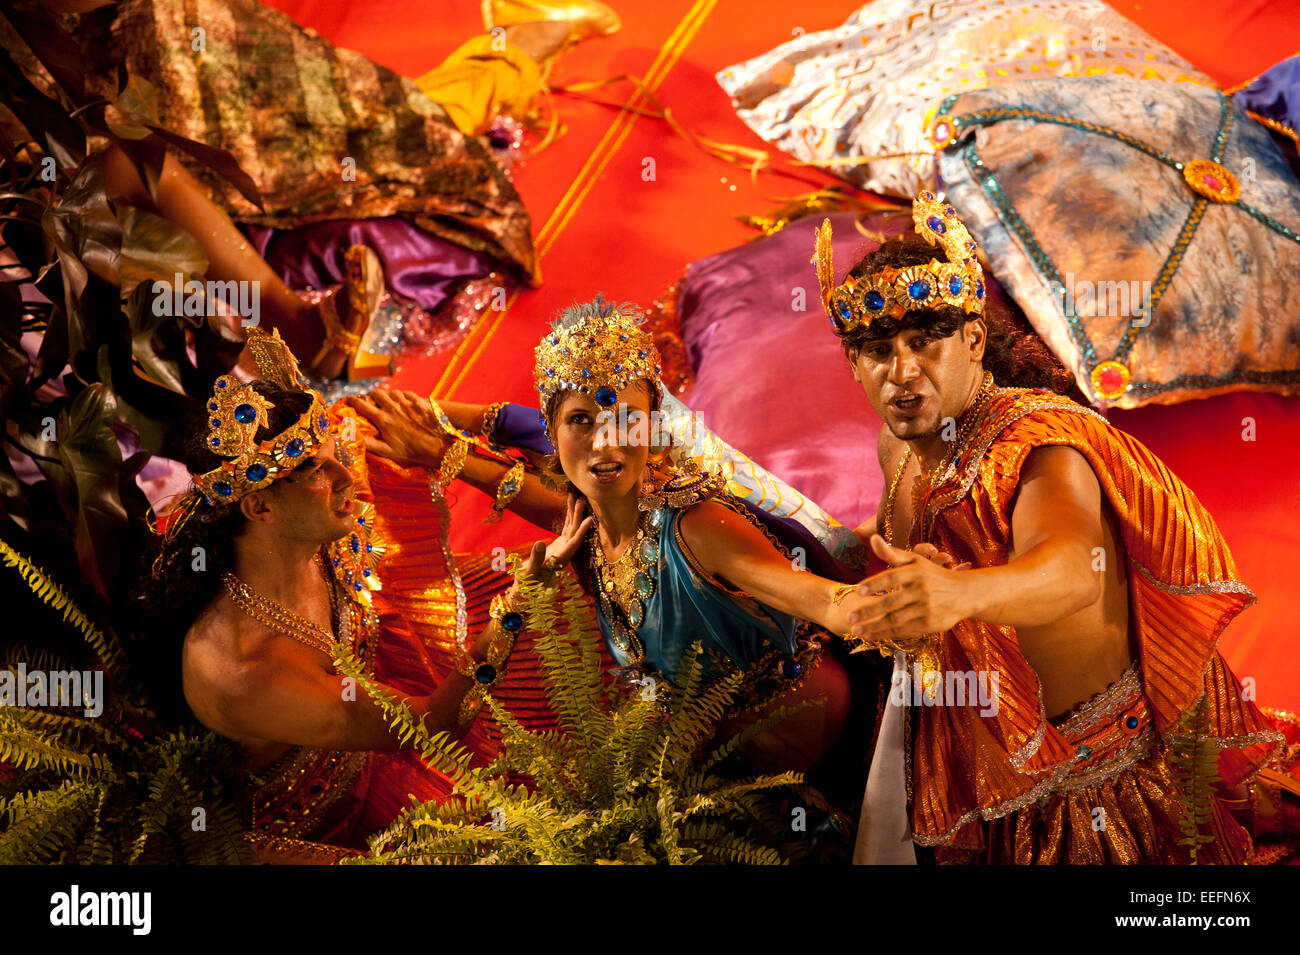 Rio de Janeiro, Brasile, 15 Febbraio 2010 - Scuola di Samba presentazione al sambodromo nel Carnevale 2010. Immagini Stock